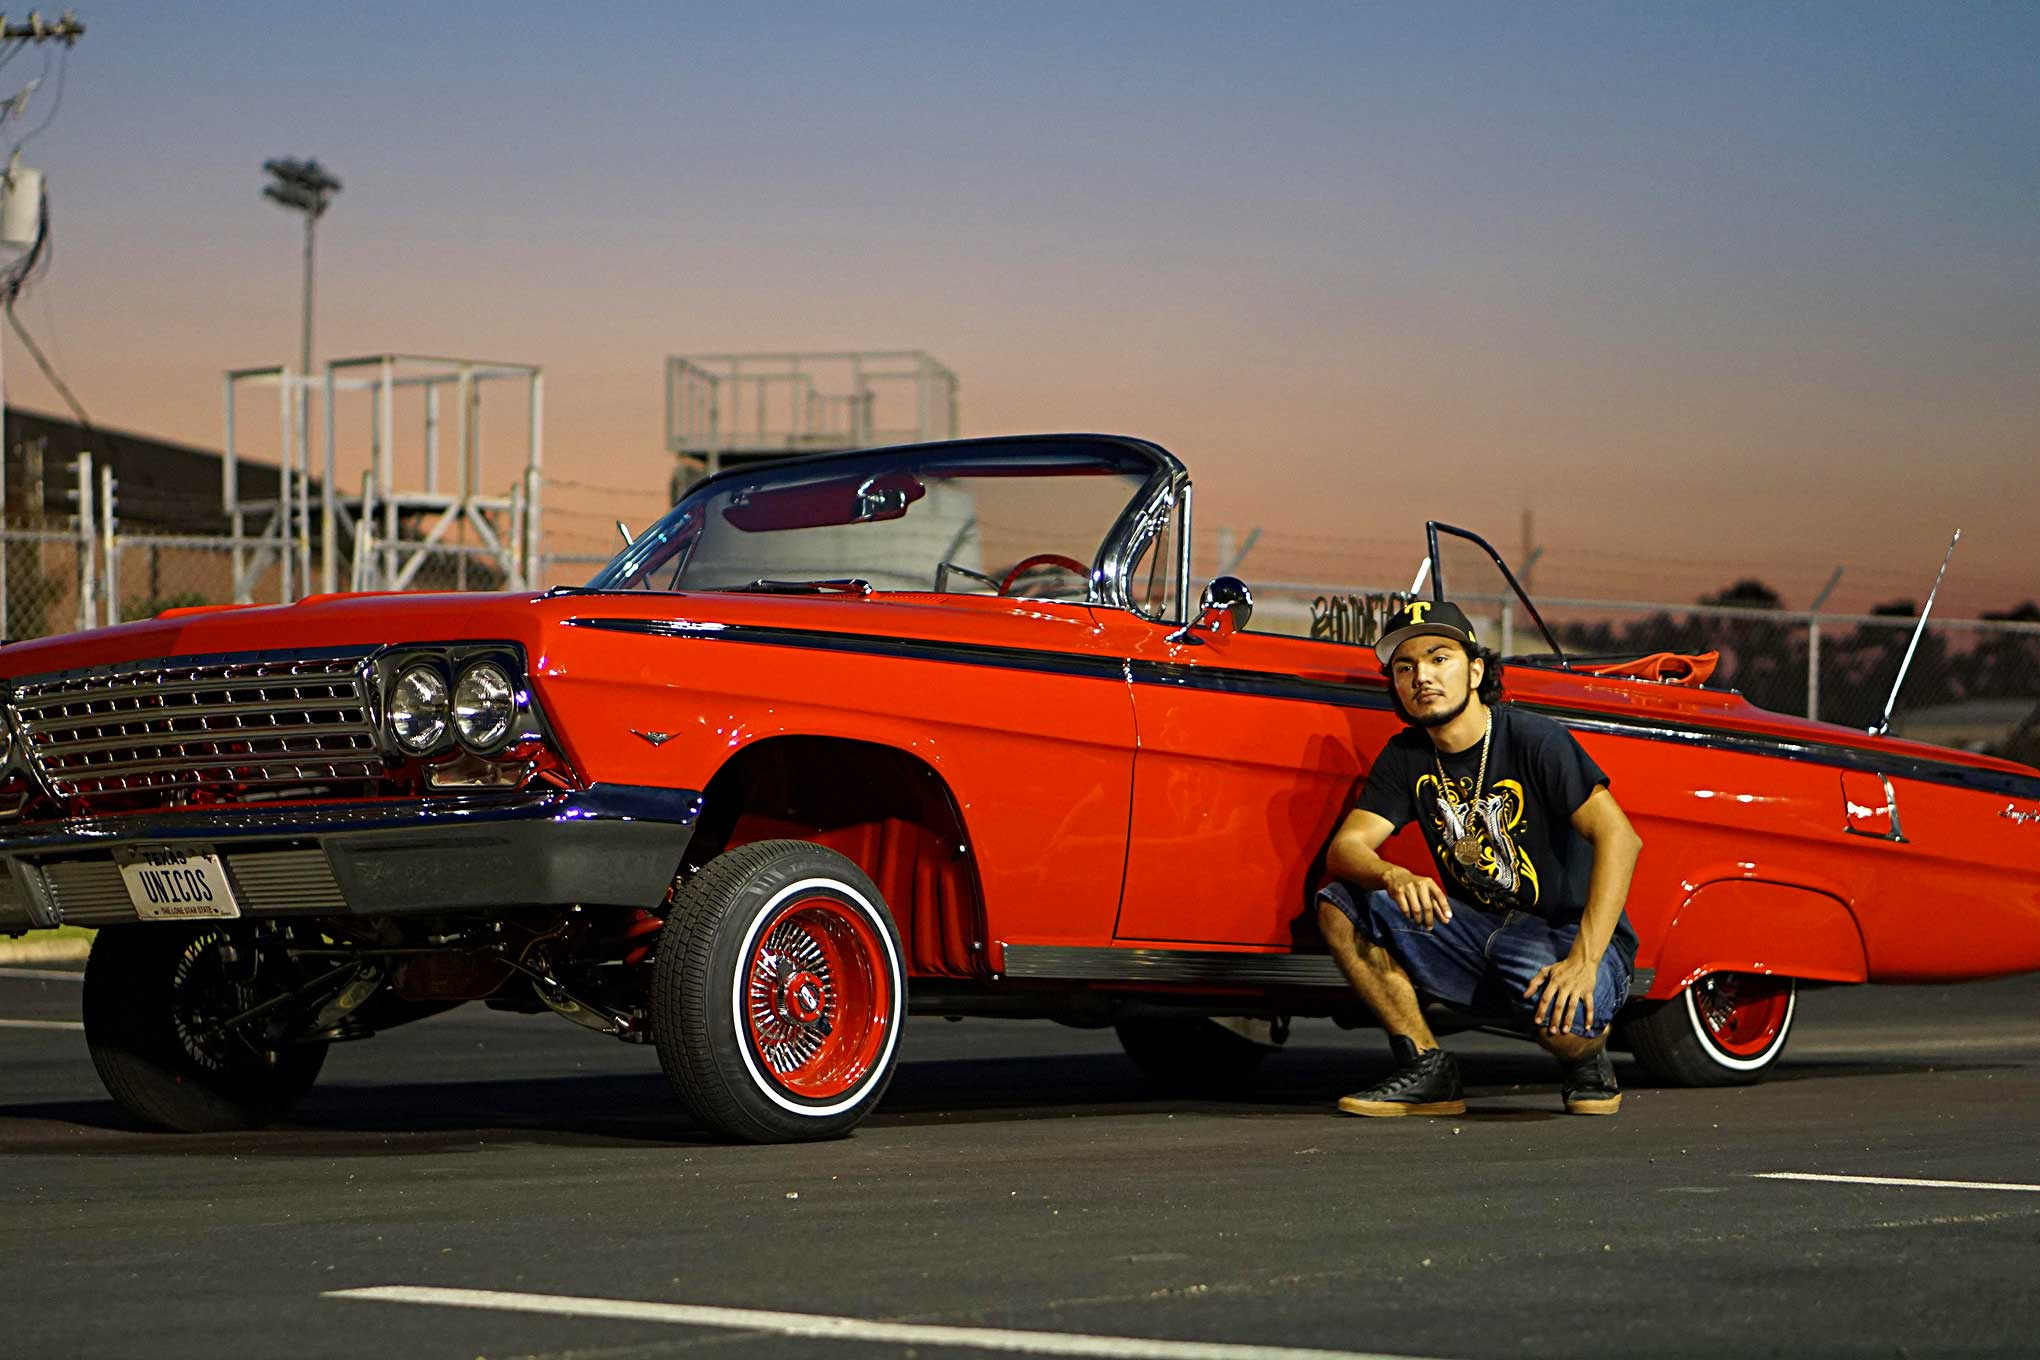 Joel Alvarado S Rusted Out 62 Impala Turned Dream Car